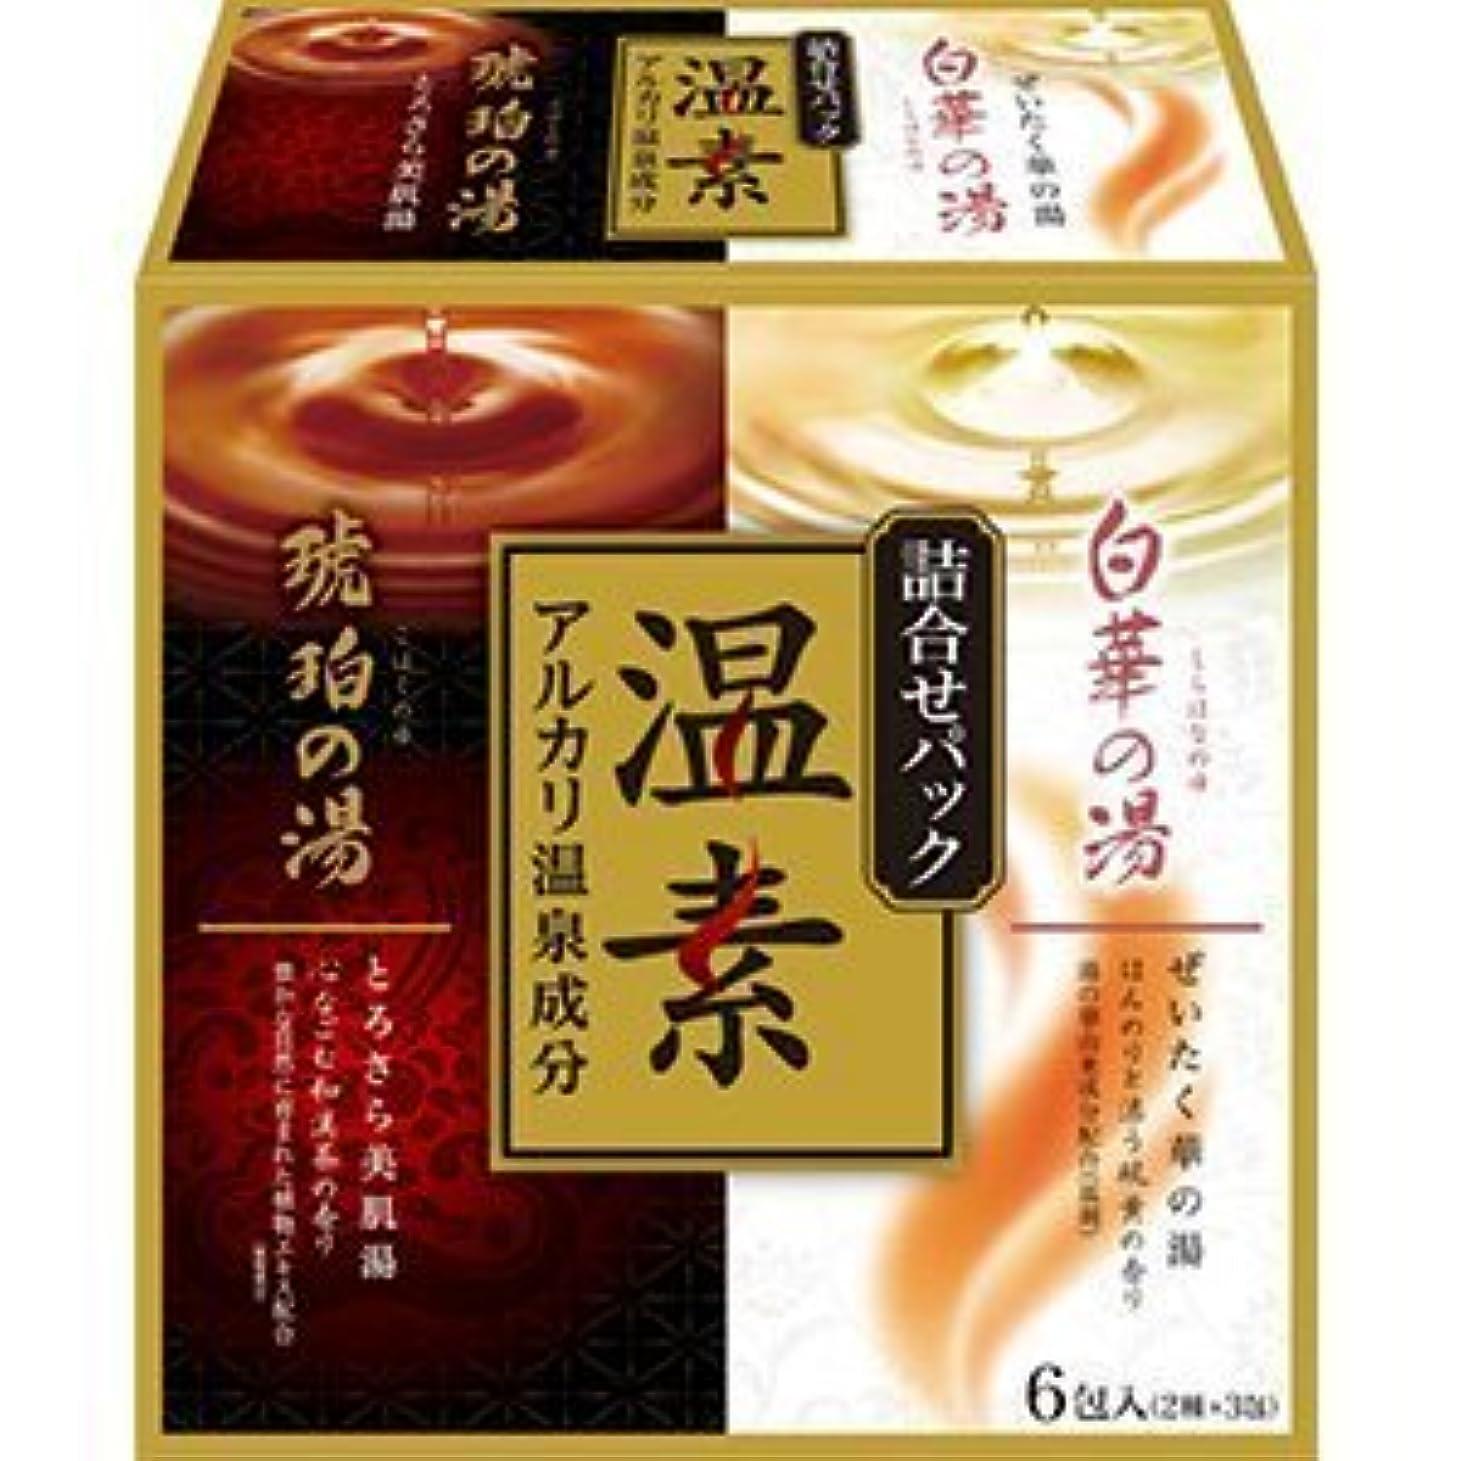 マットレスクレアいわゆる温素 琥珀の湯&白華の湯 詰合せパック × 5個セット